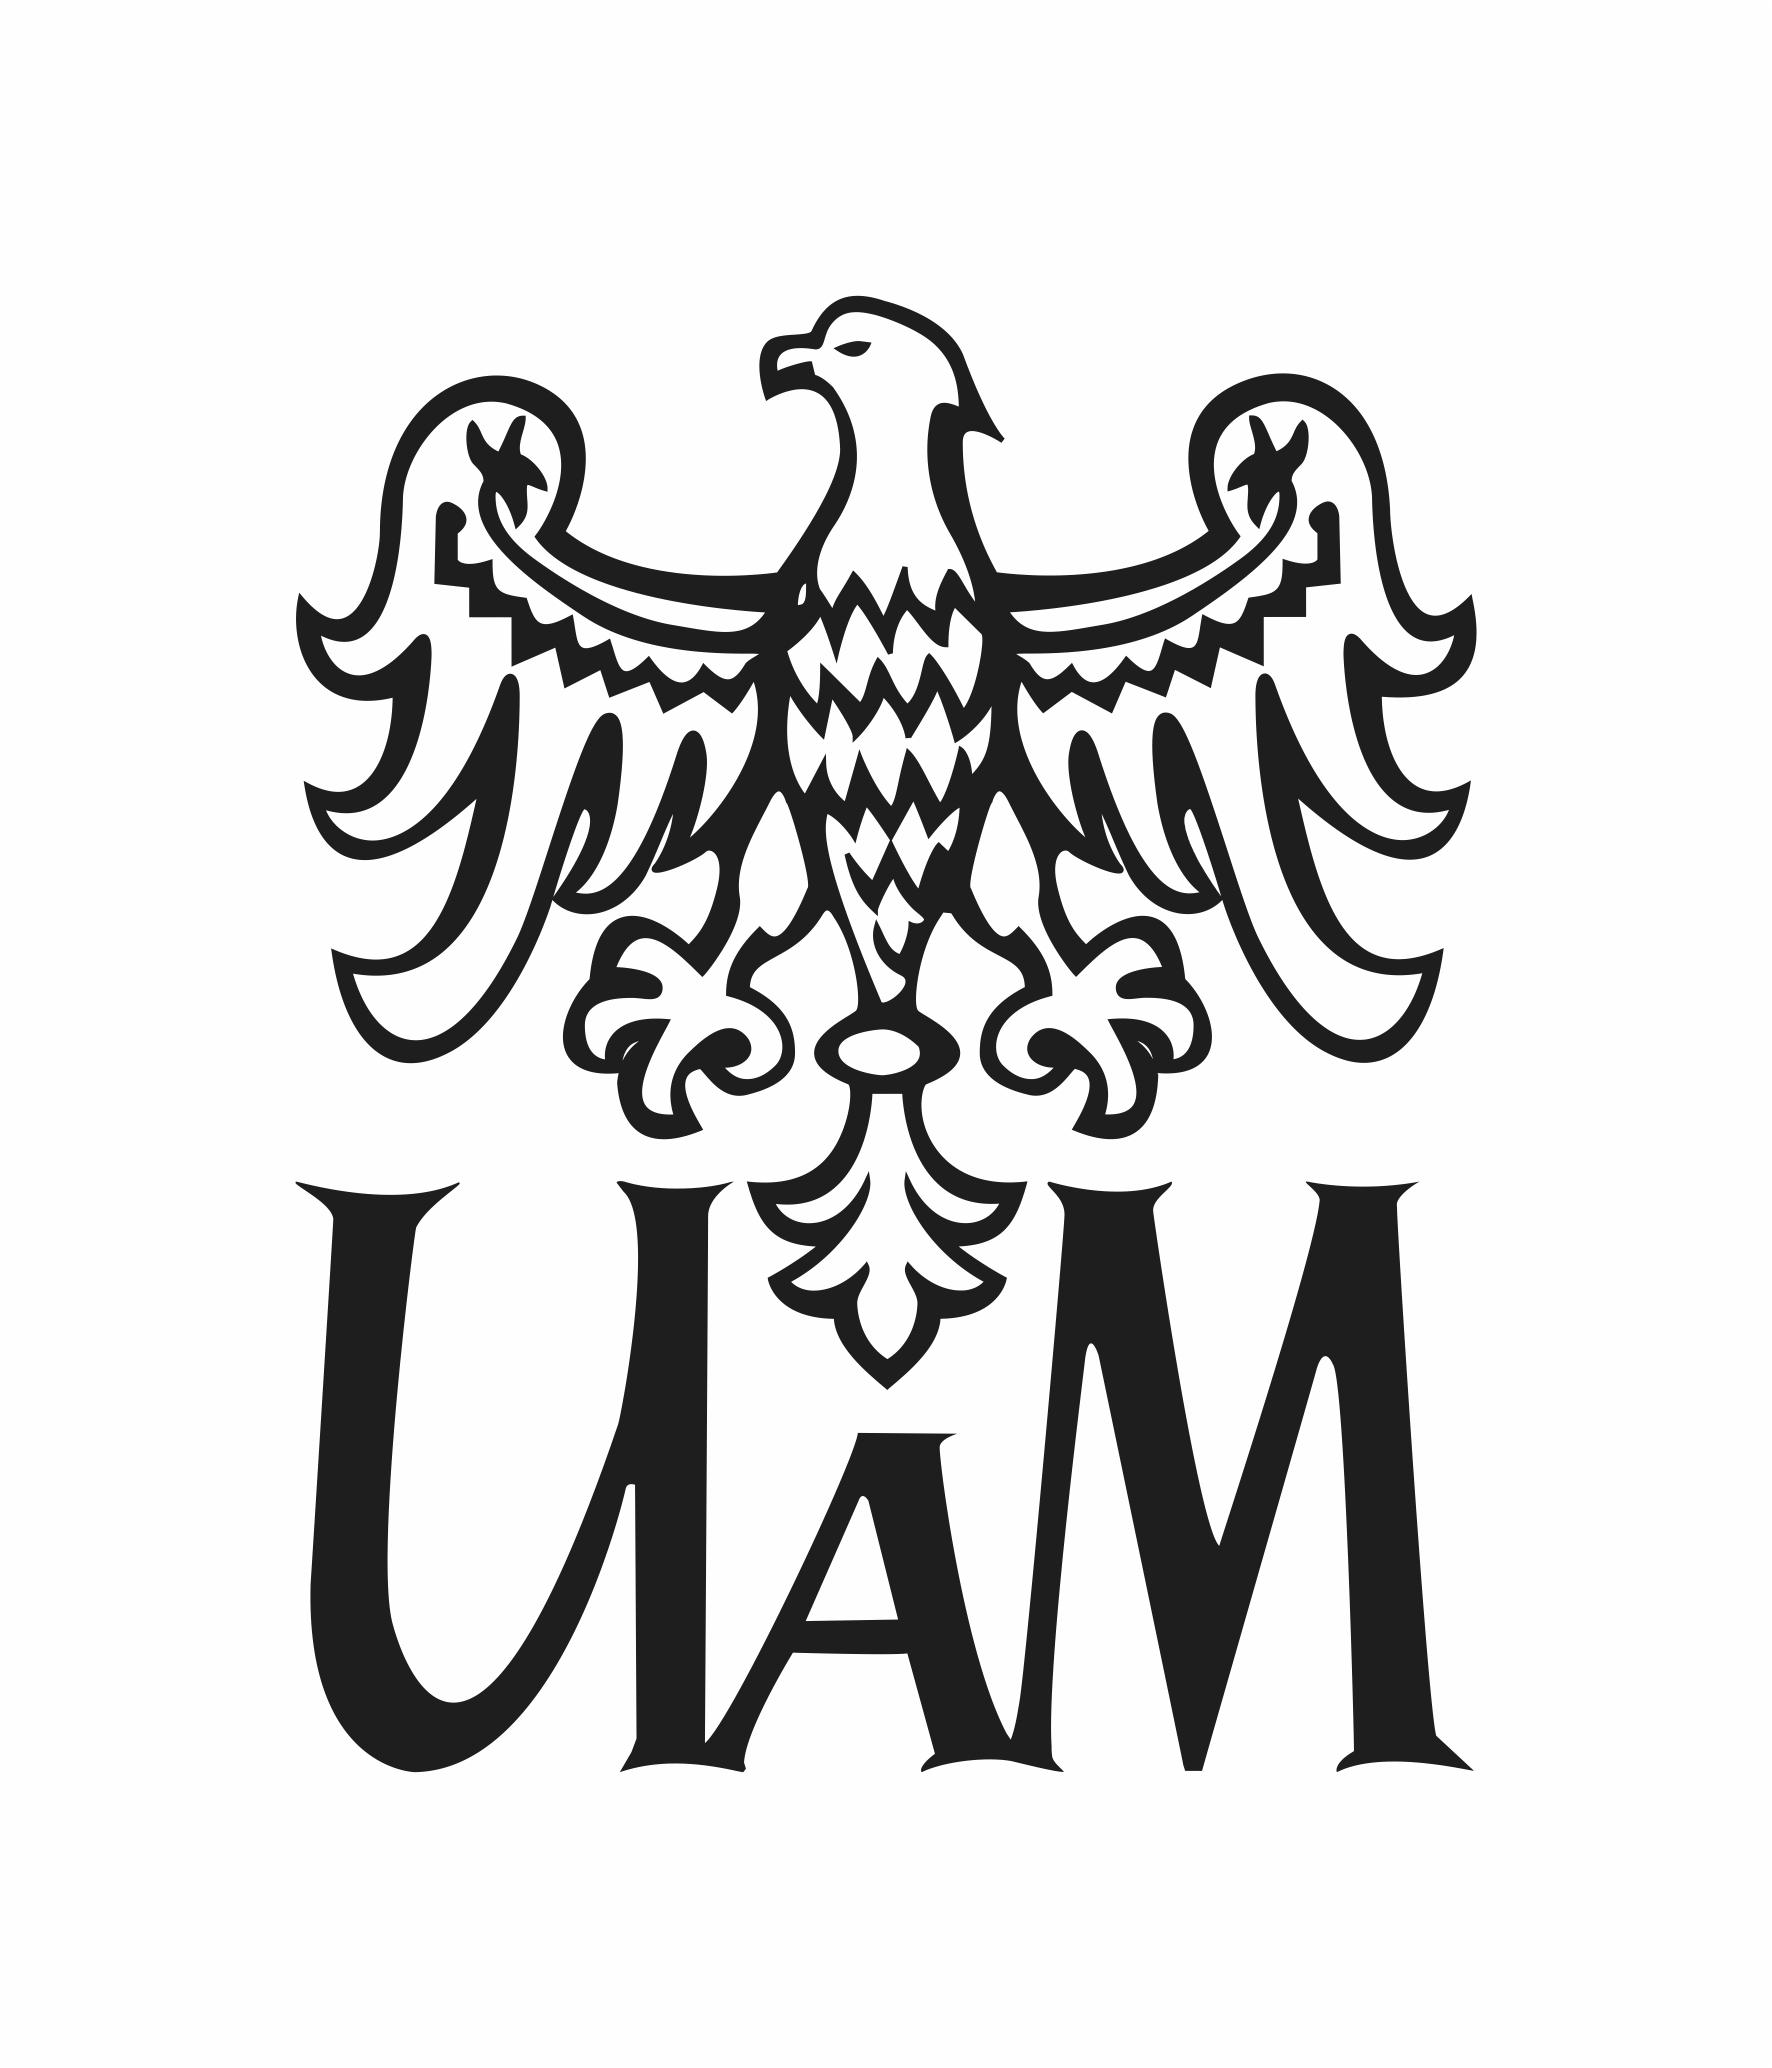 Znalezione obrazy dla zapytania: logo uam